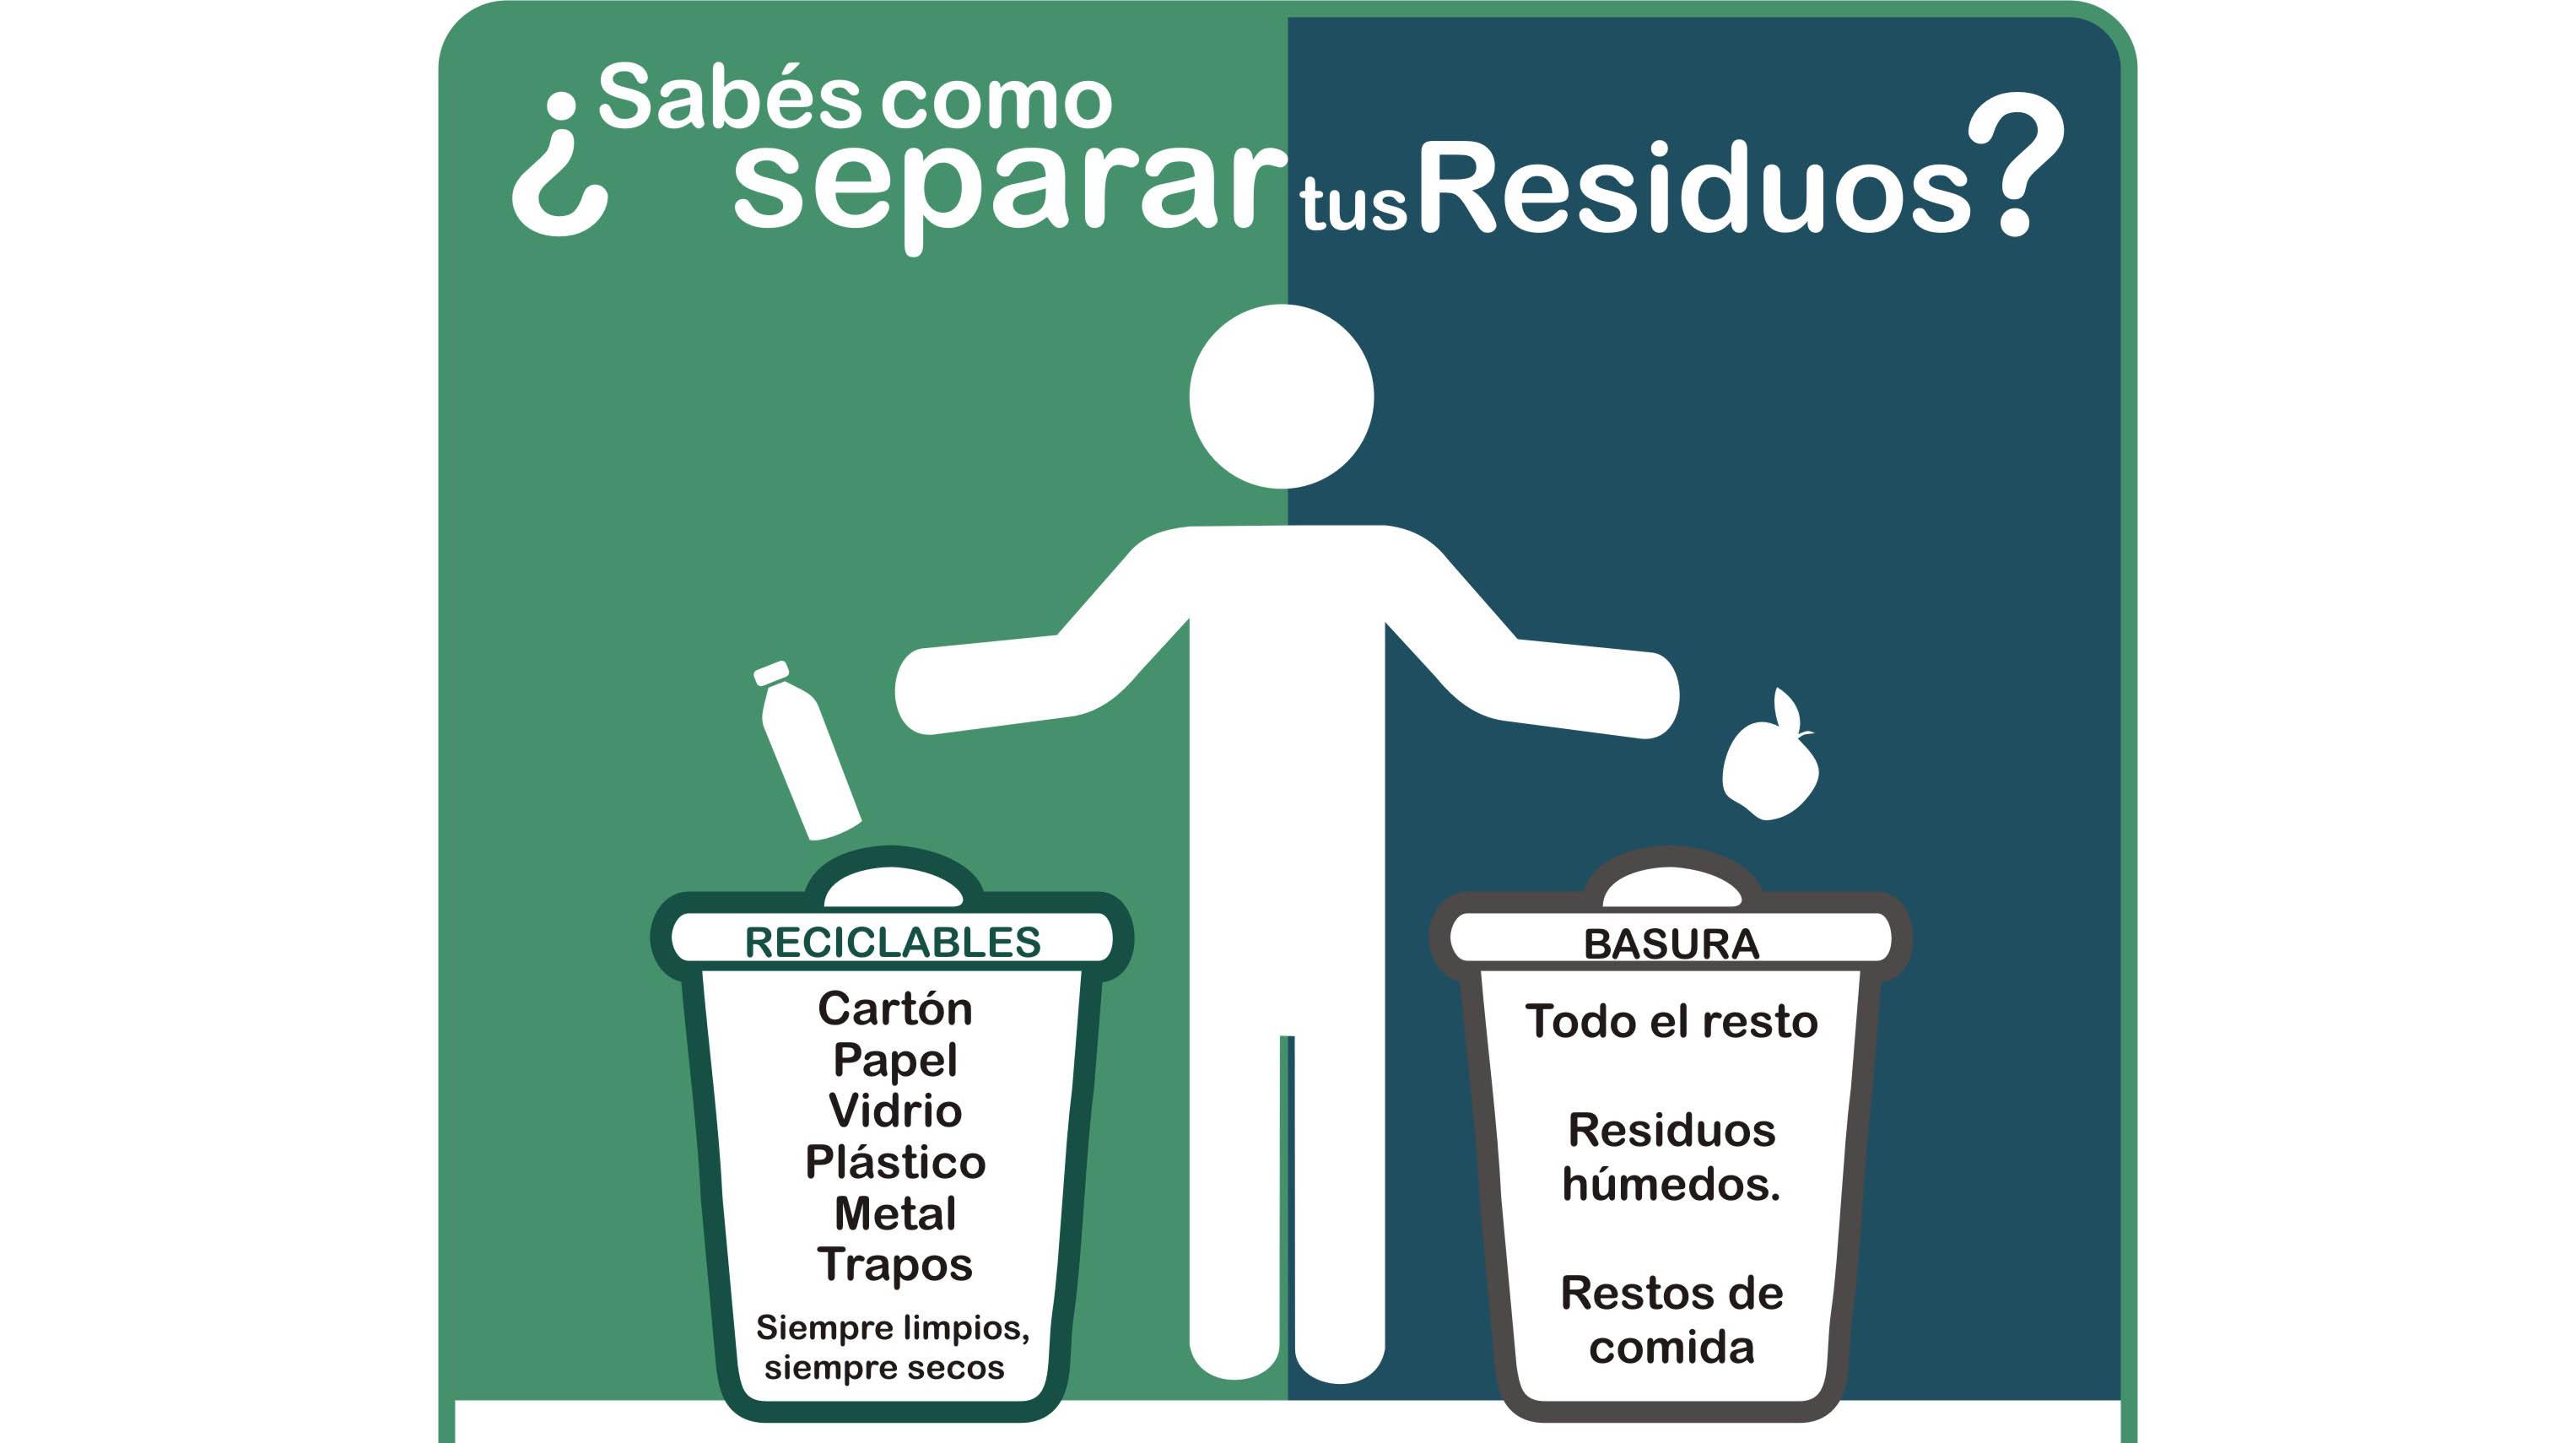 Residuos: Recolección diferenciada